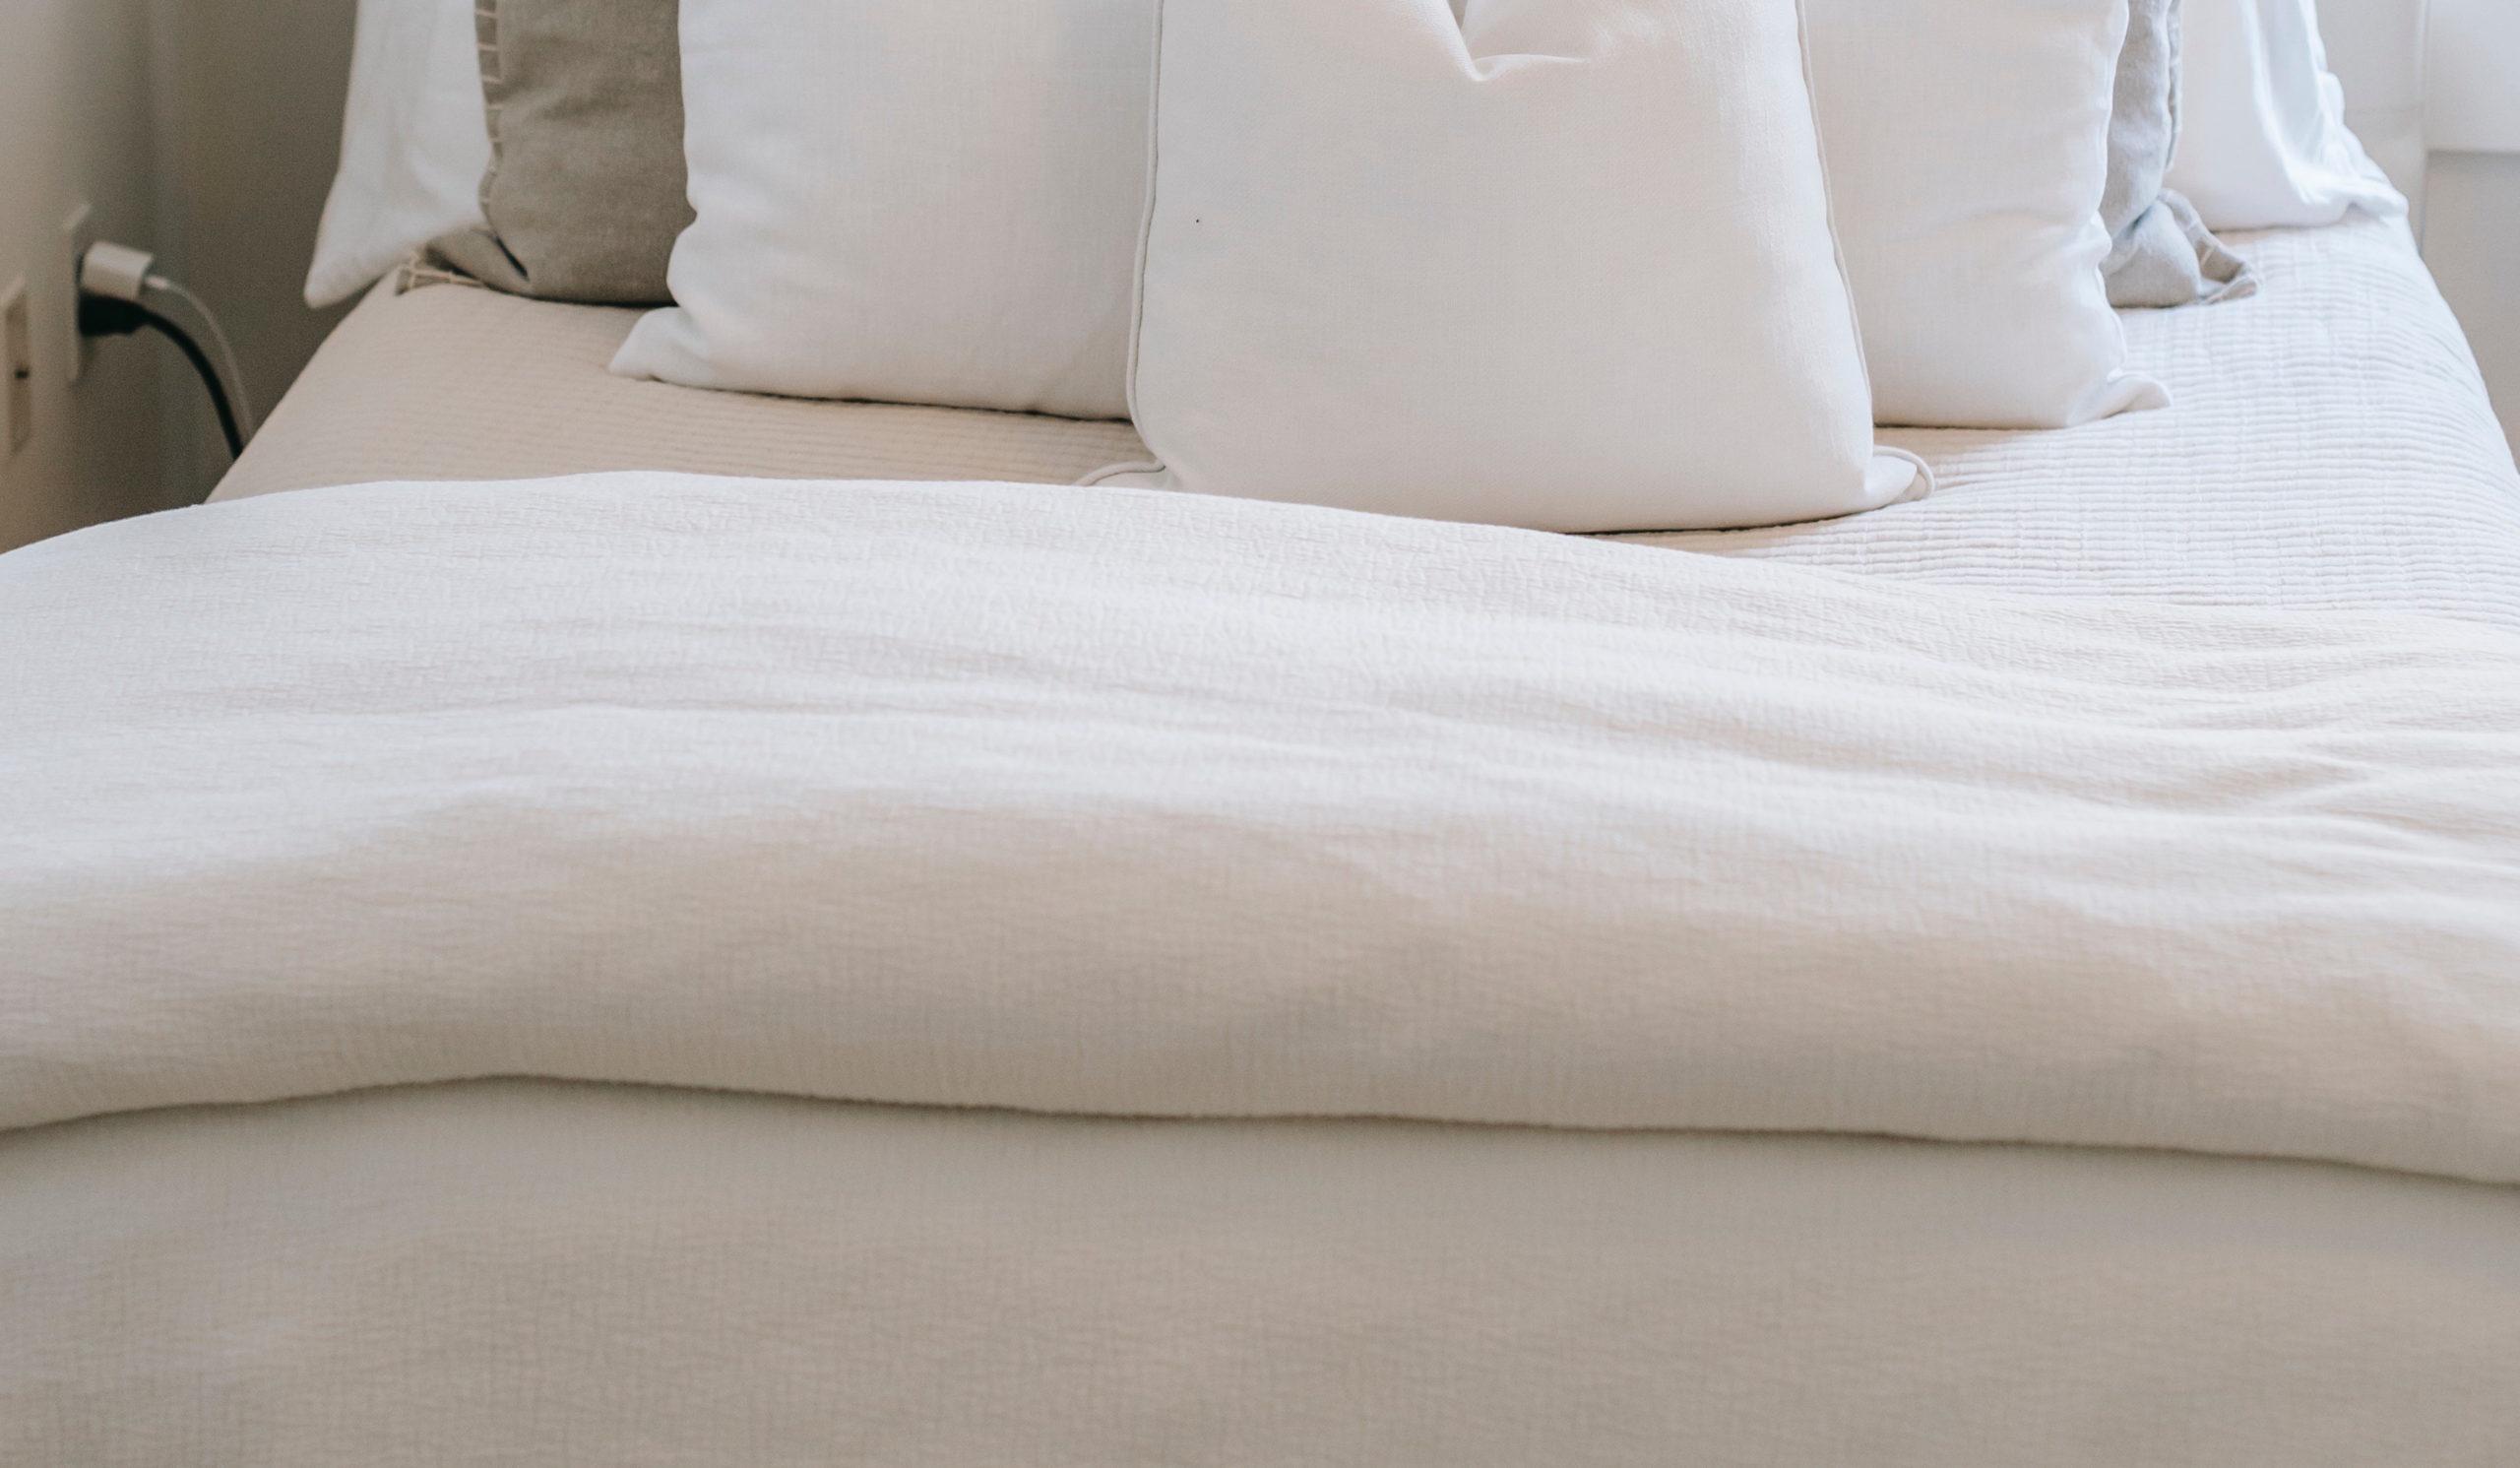 Eierdaunendecke auf einem weißen Bett